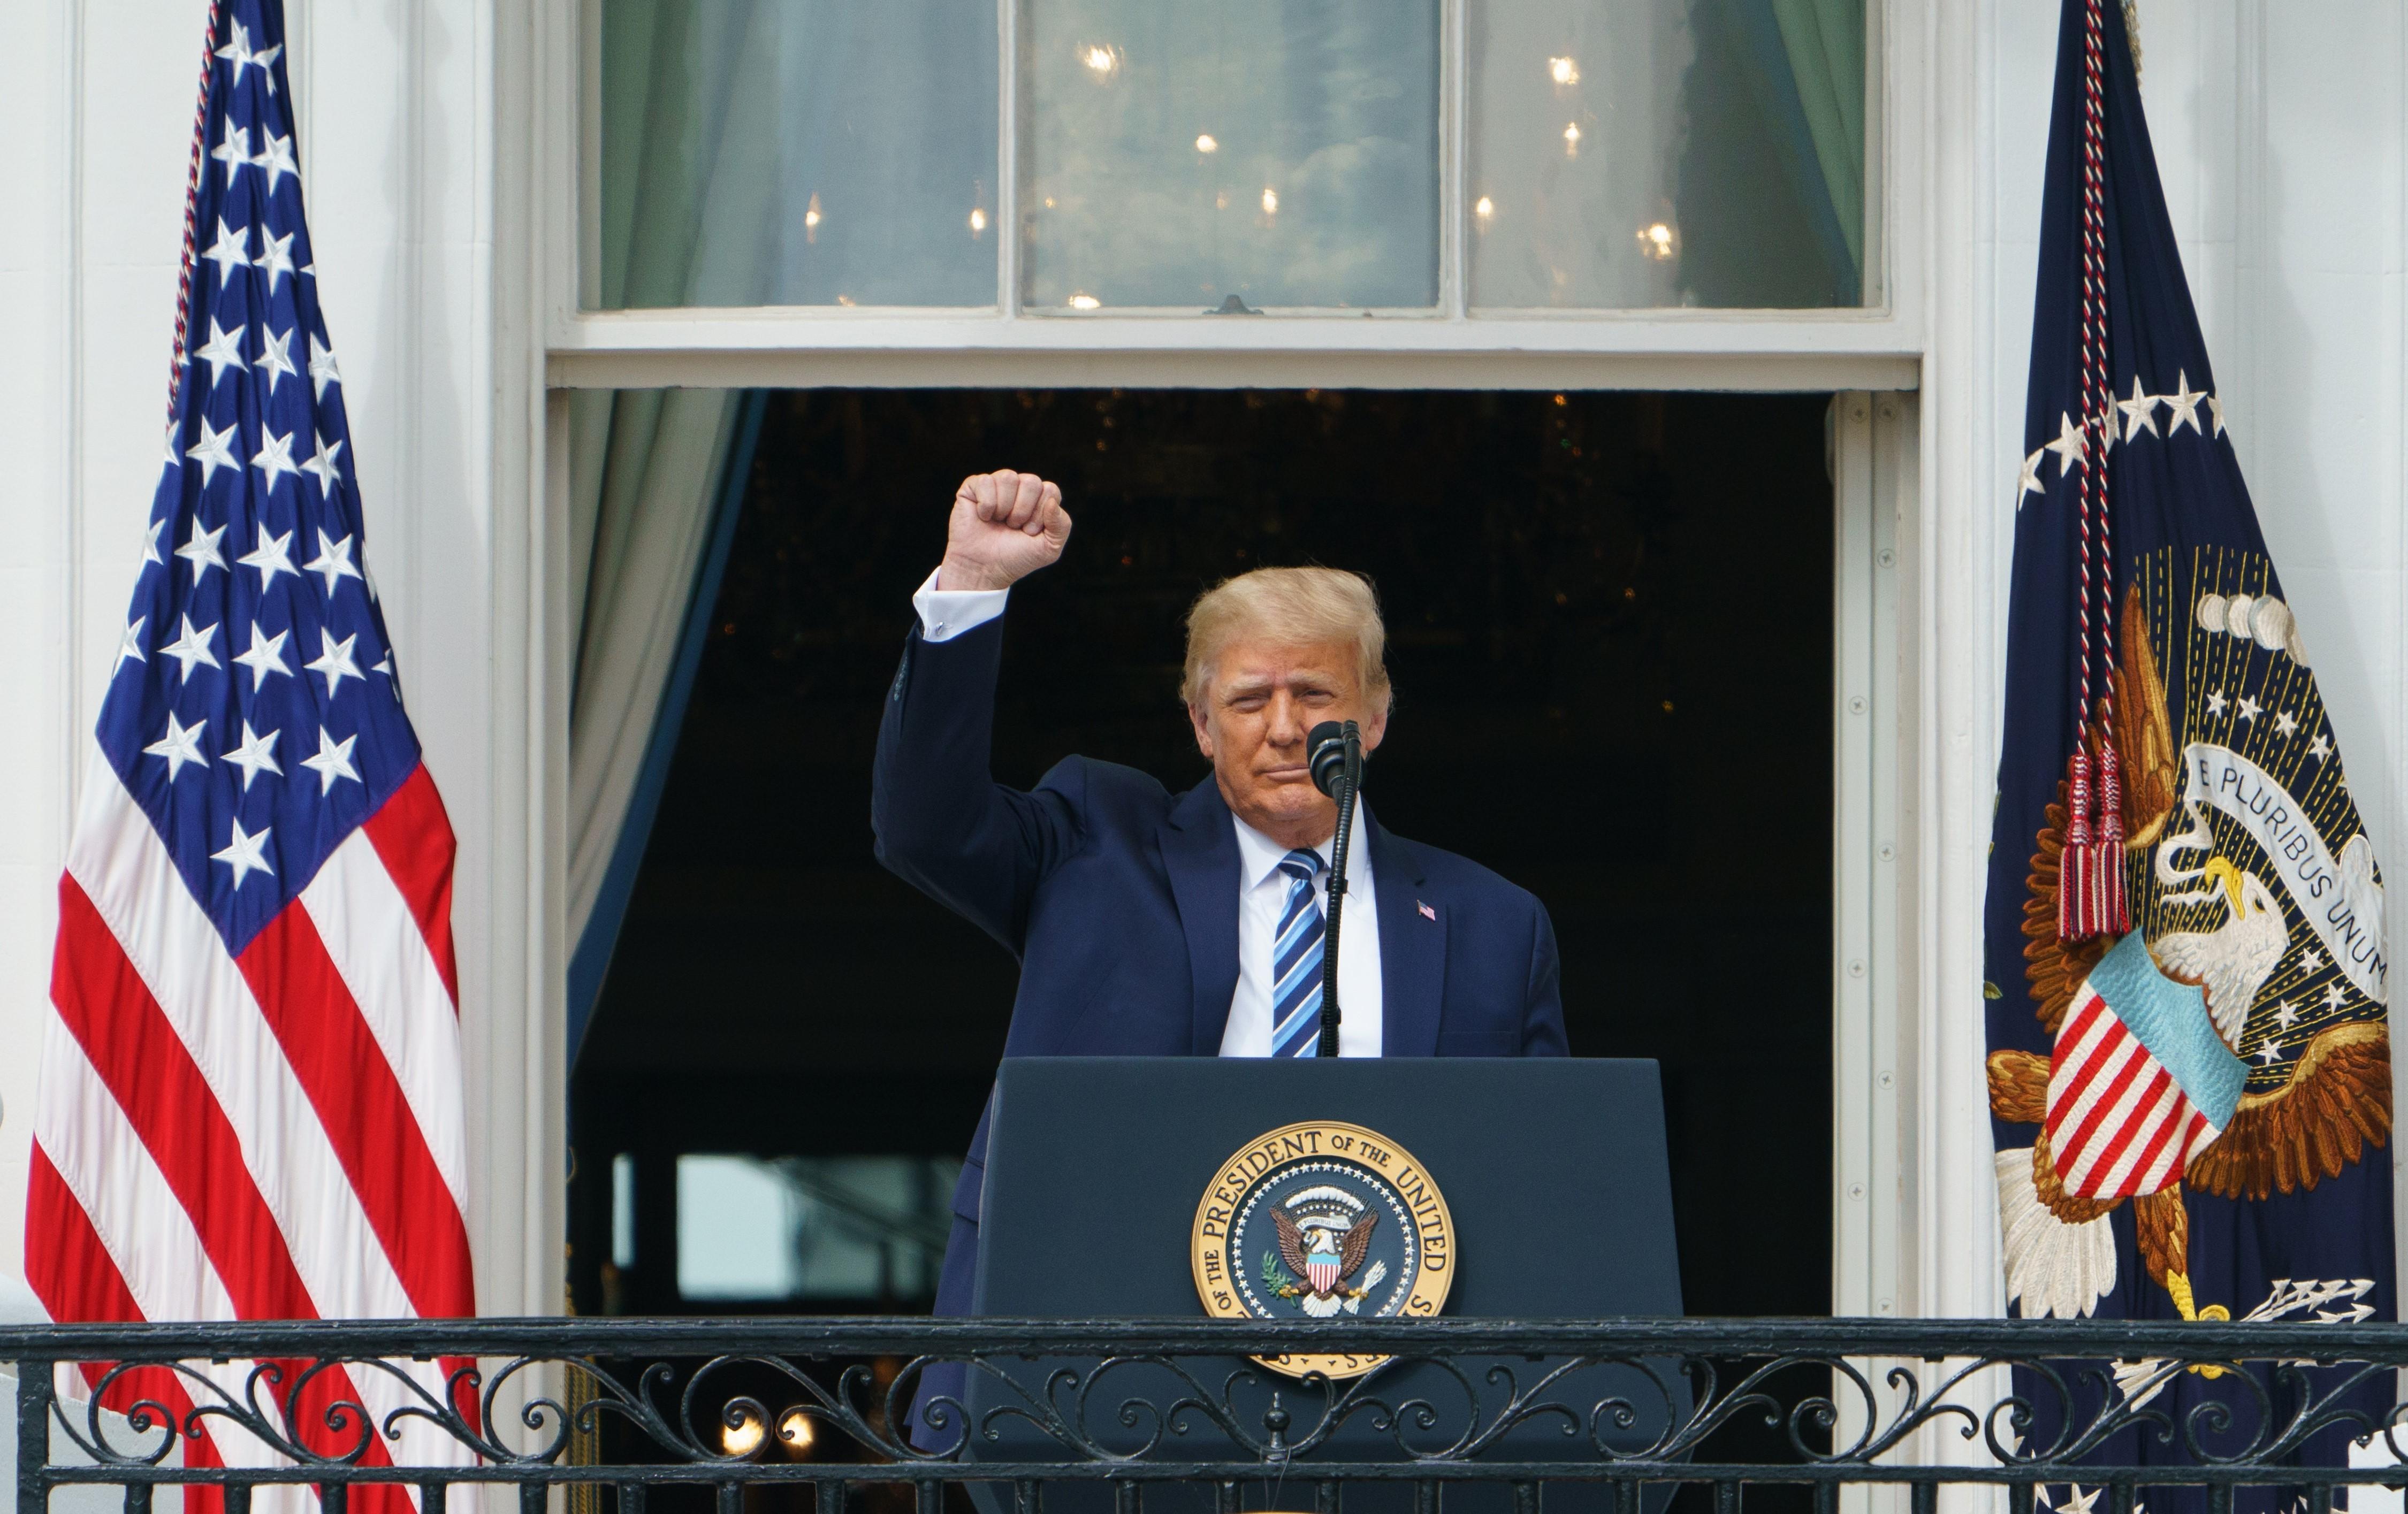 Tổng thống Mỹ Donald Trump gặp gỡ những người ủng hộ tại Nhà Trắng ở Washington DC., ngày 10/10/2020. (Ảnh: AFP/TTXVN)